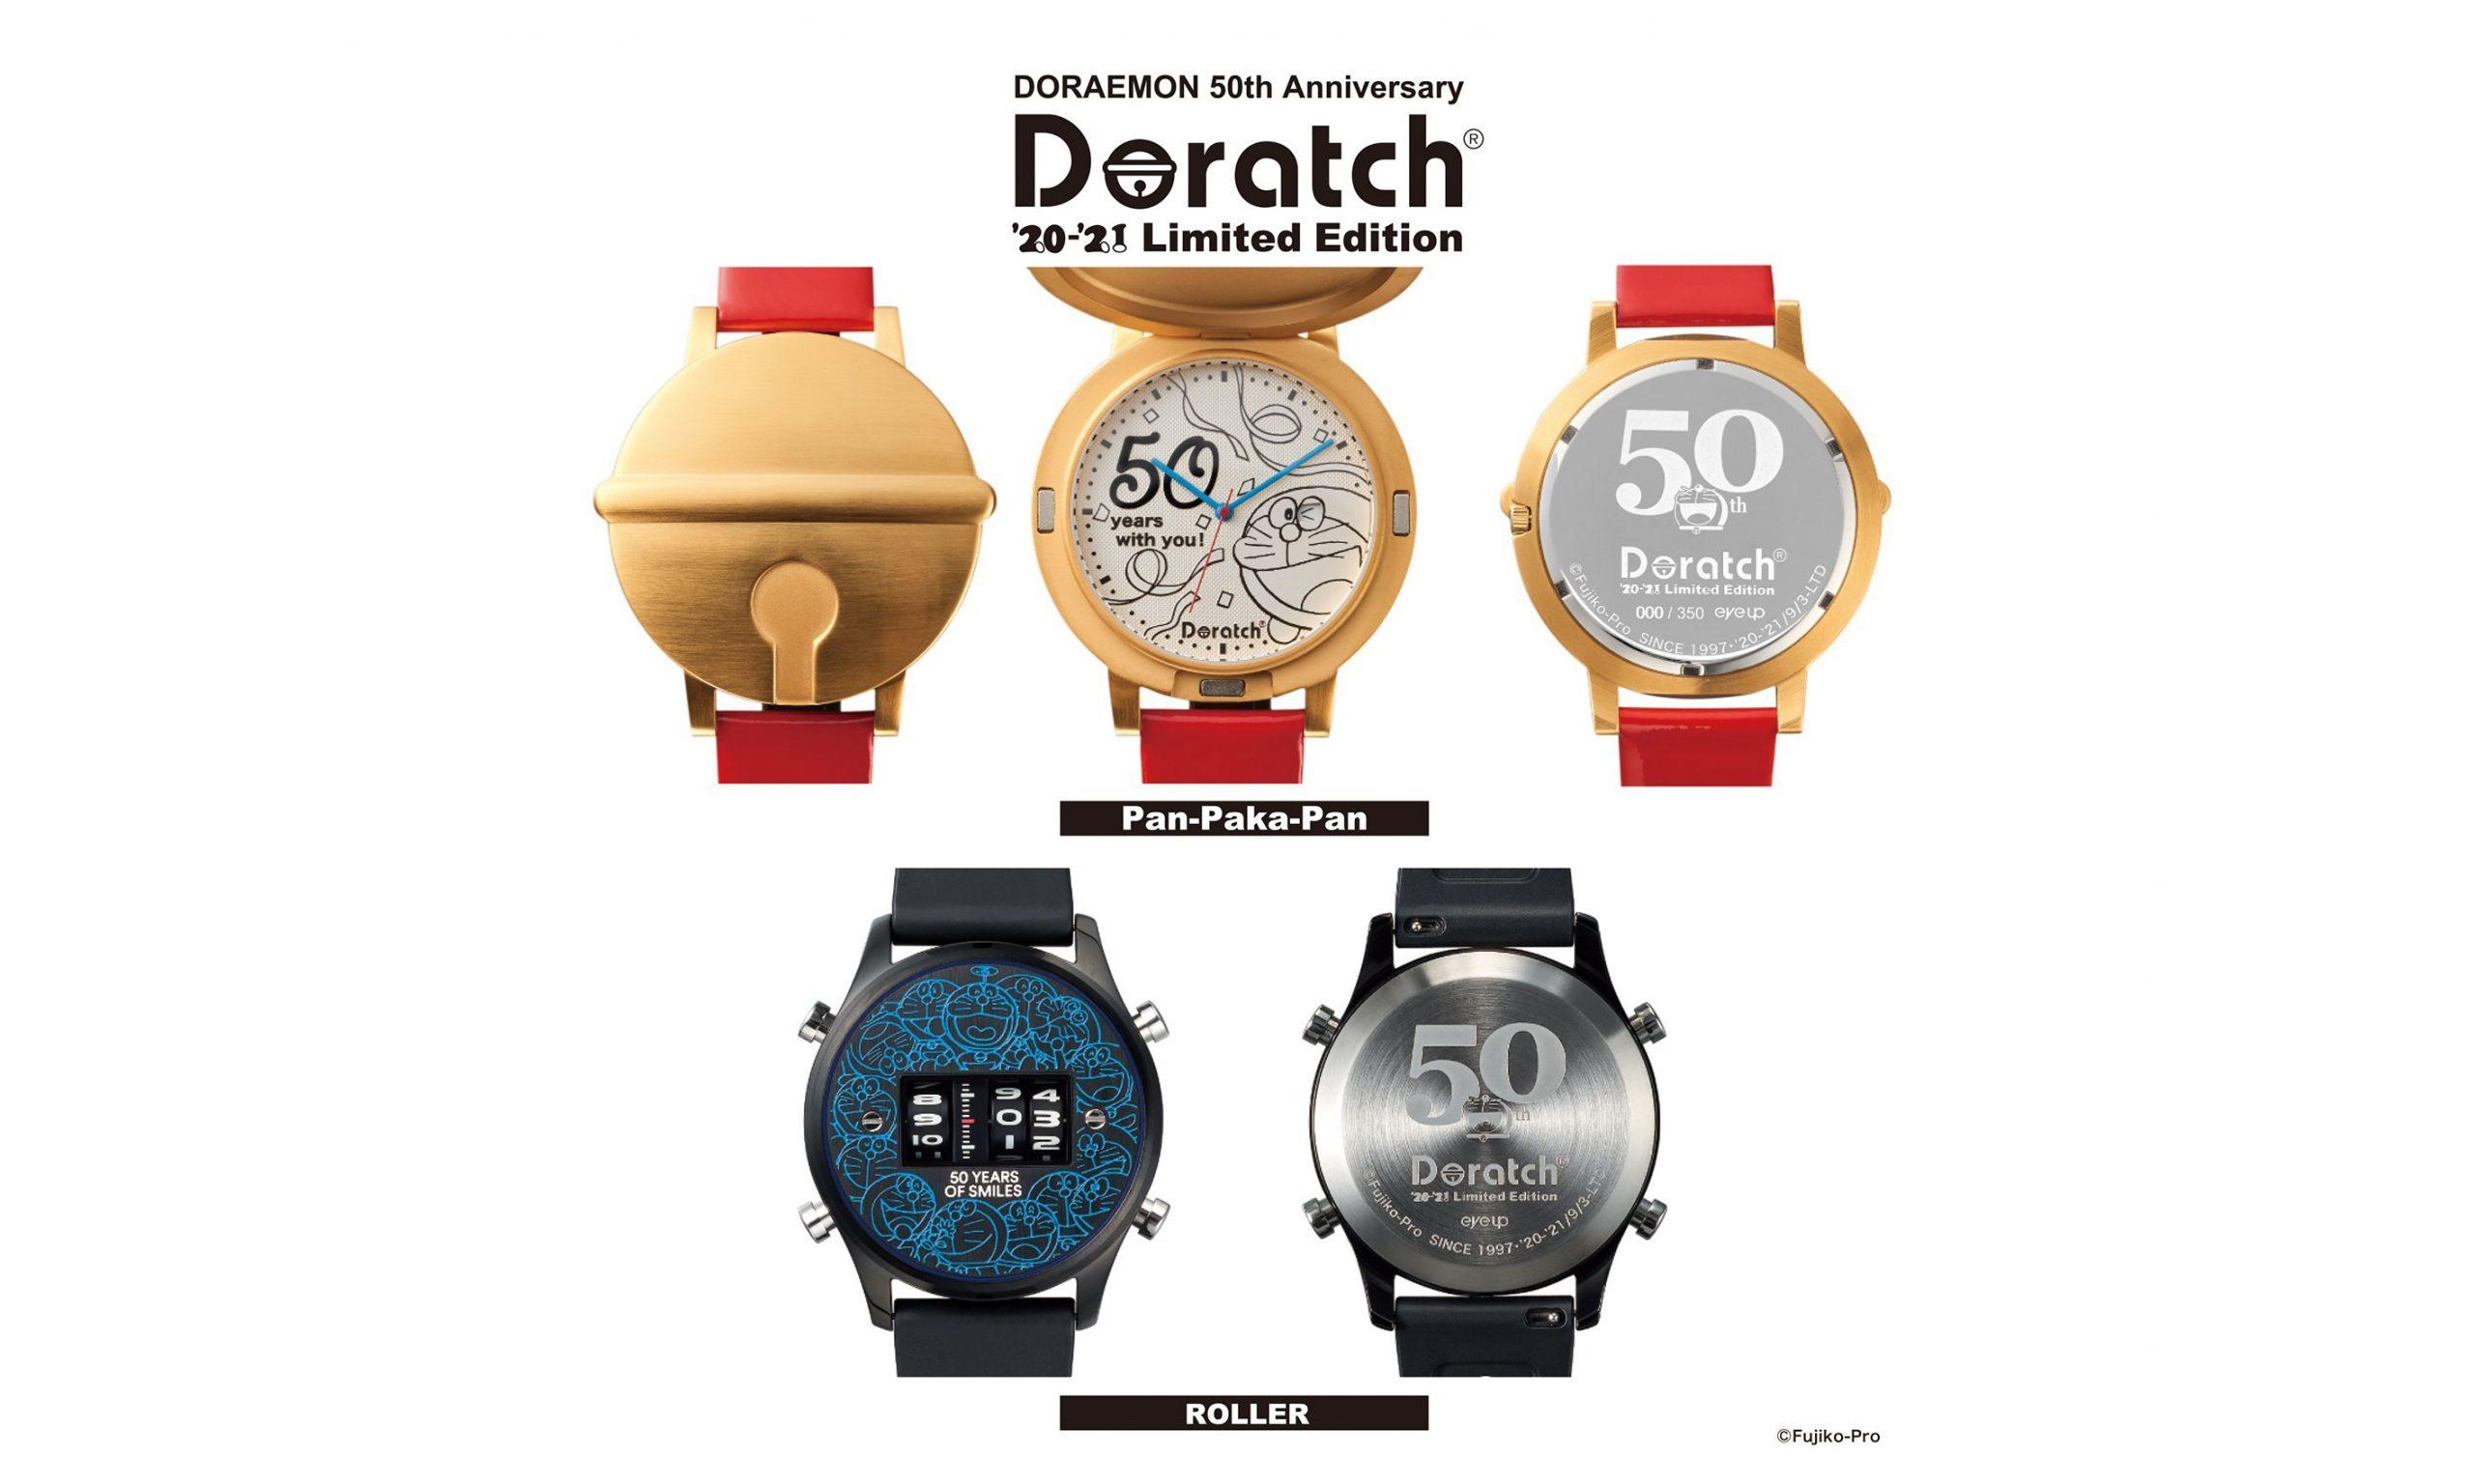 与 FUTURE FUNK 合作,纪念《多啦 A 梦》50 周年的限量手表系列发布